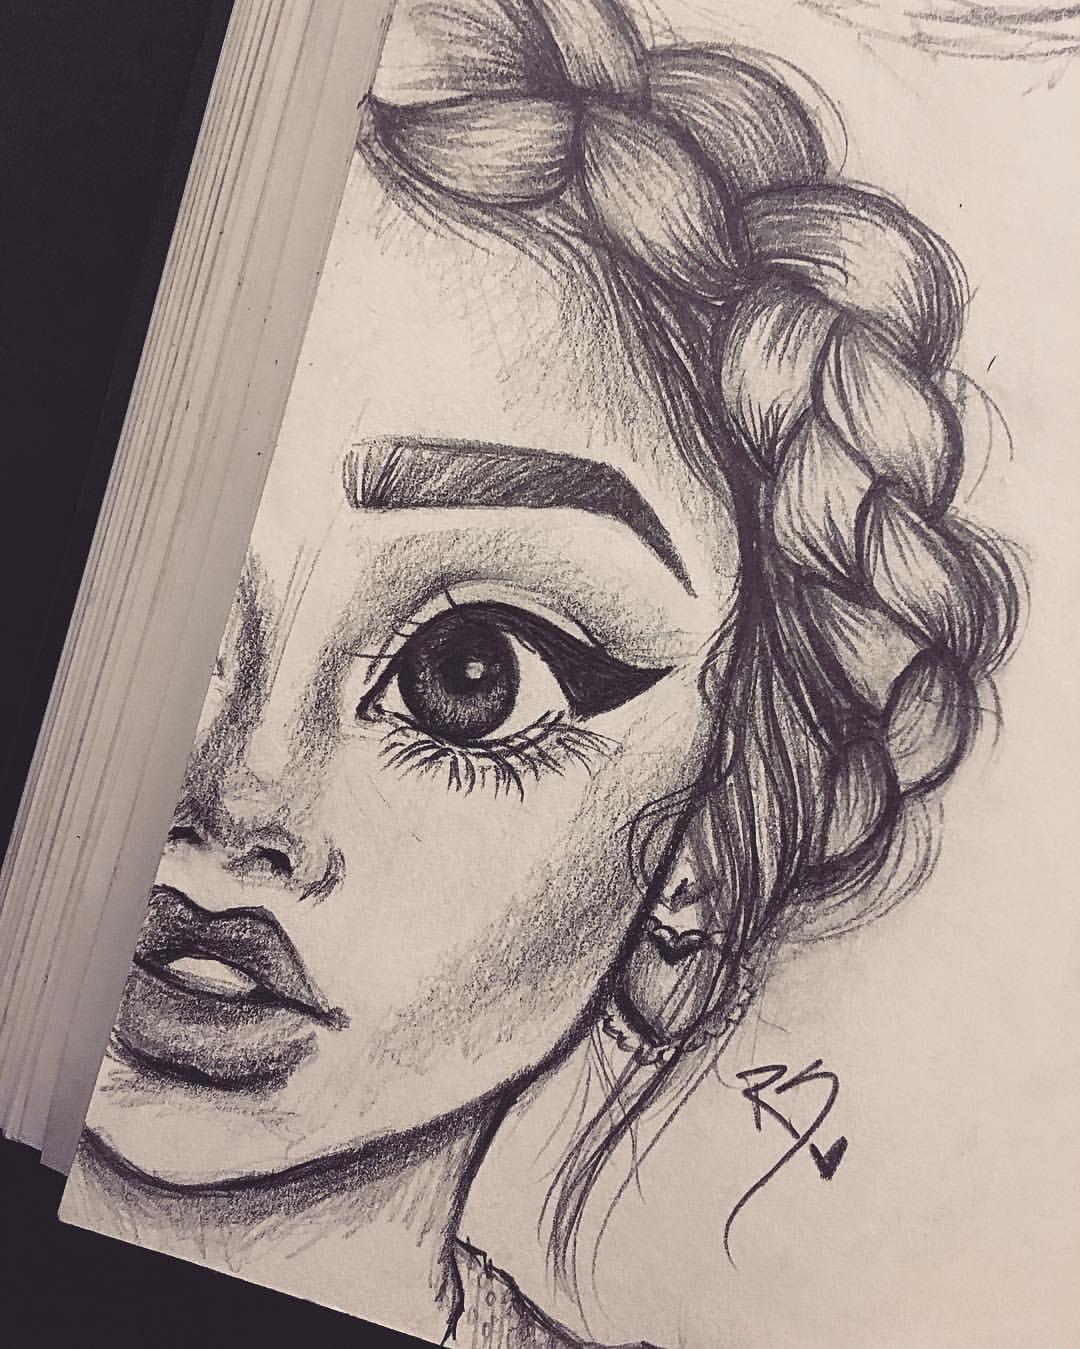 1080x1349 Pencil Sketching Ideas Creativity Pencil Sketch Drawing Creative